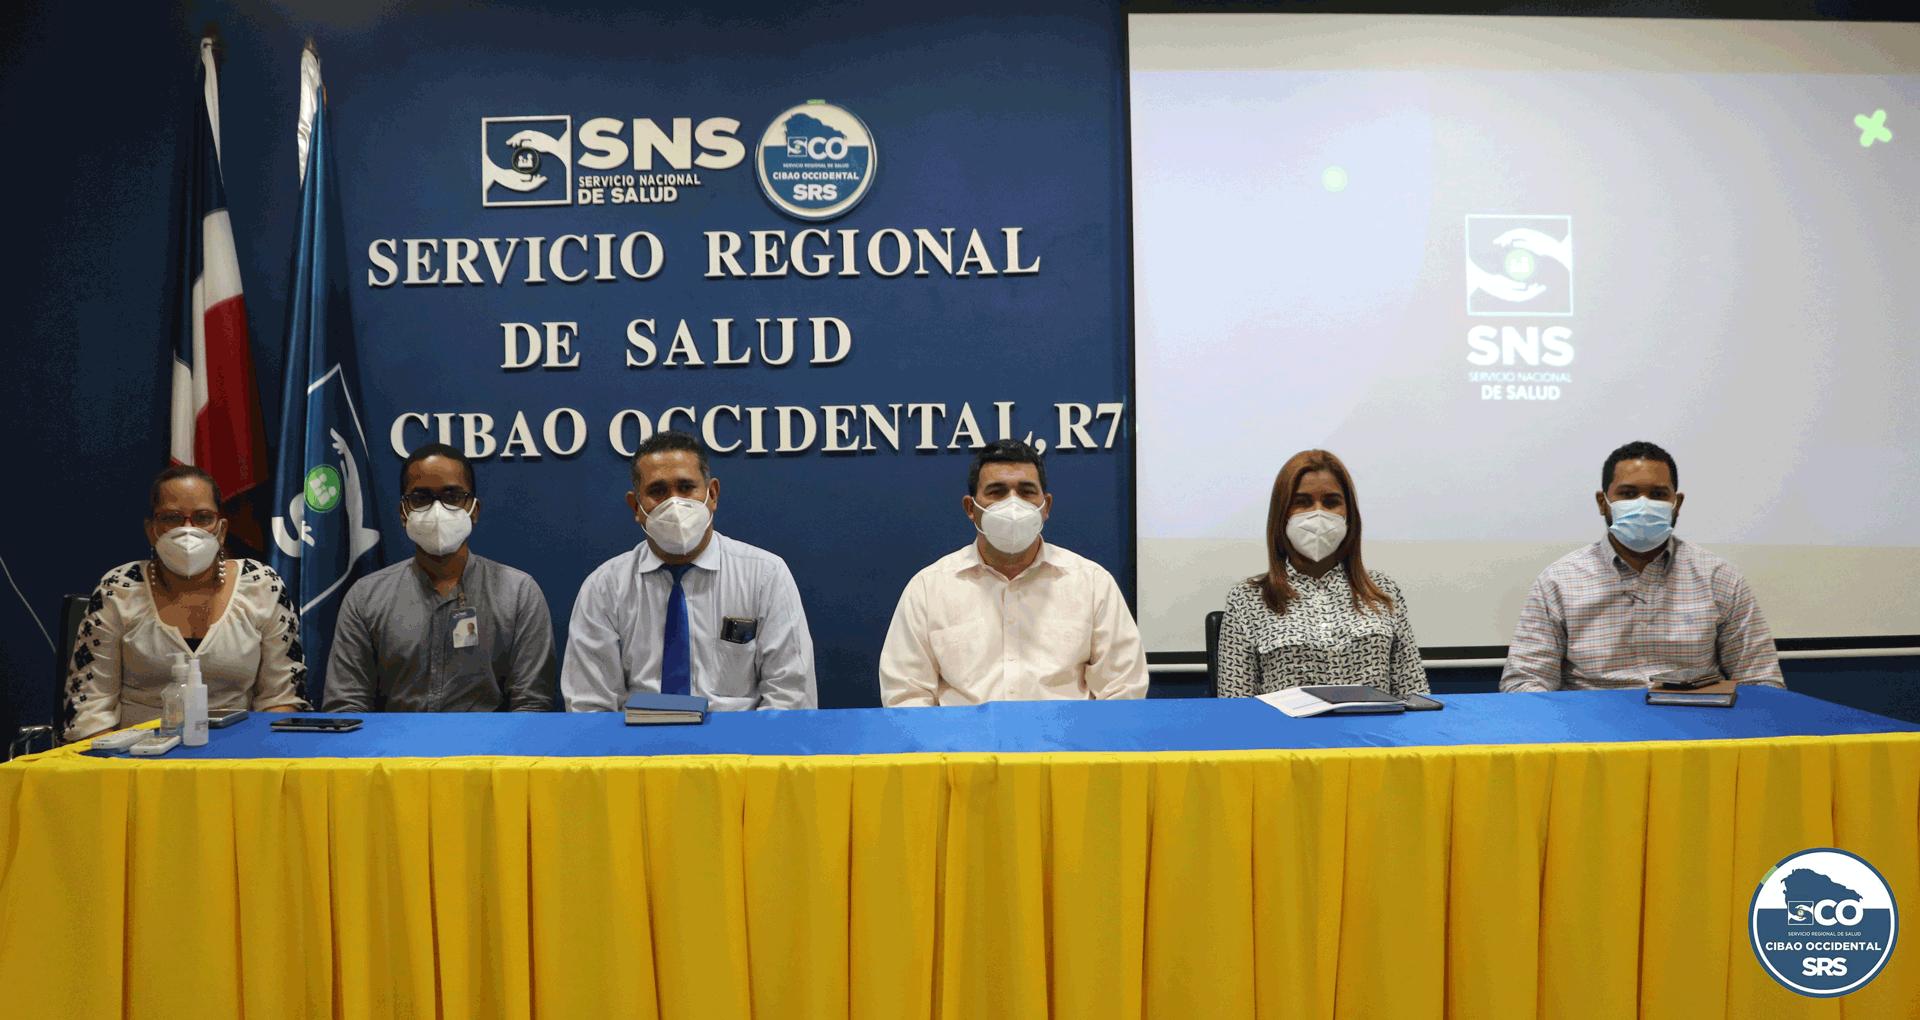 """SNS; MSP Y SRSCO, realizan taller: """"Procedimientos para habilitación  Centros de Salud """"."""